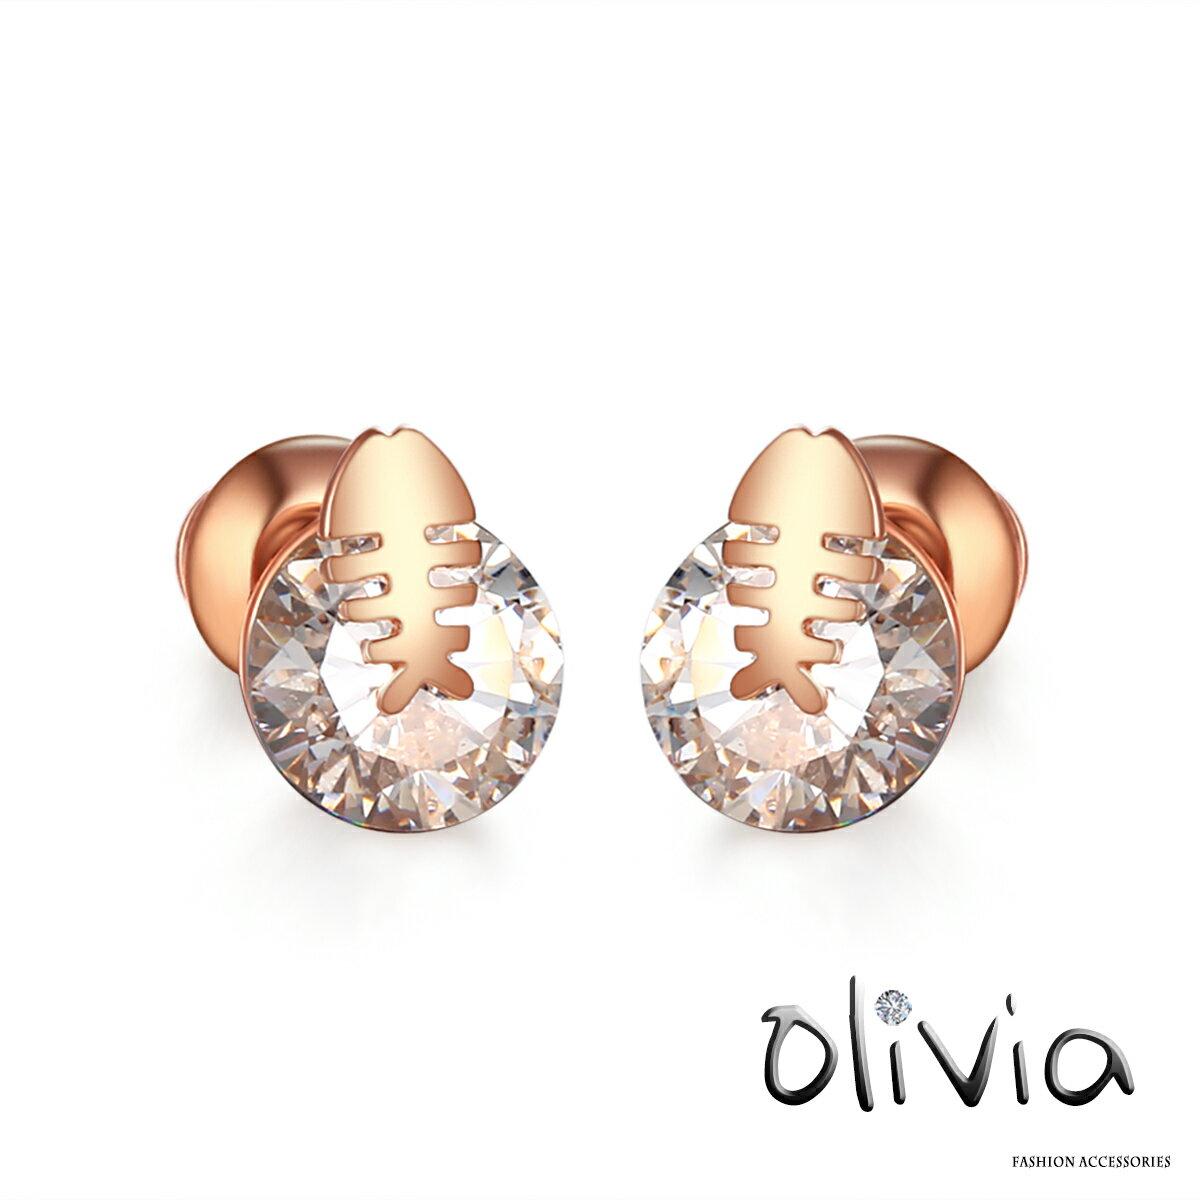 Olivia 耳針耳環 小魚骨鋯石耳針耳釘耳環【N02629】